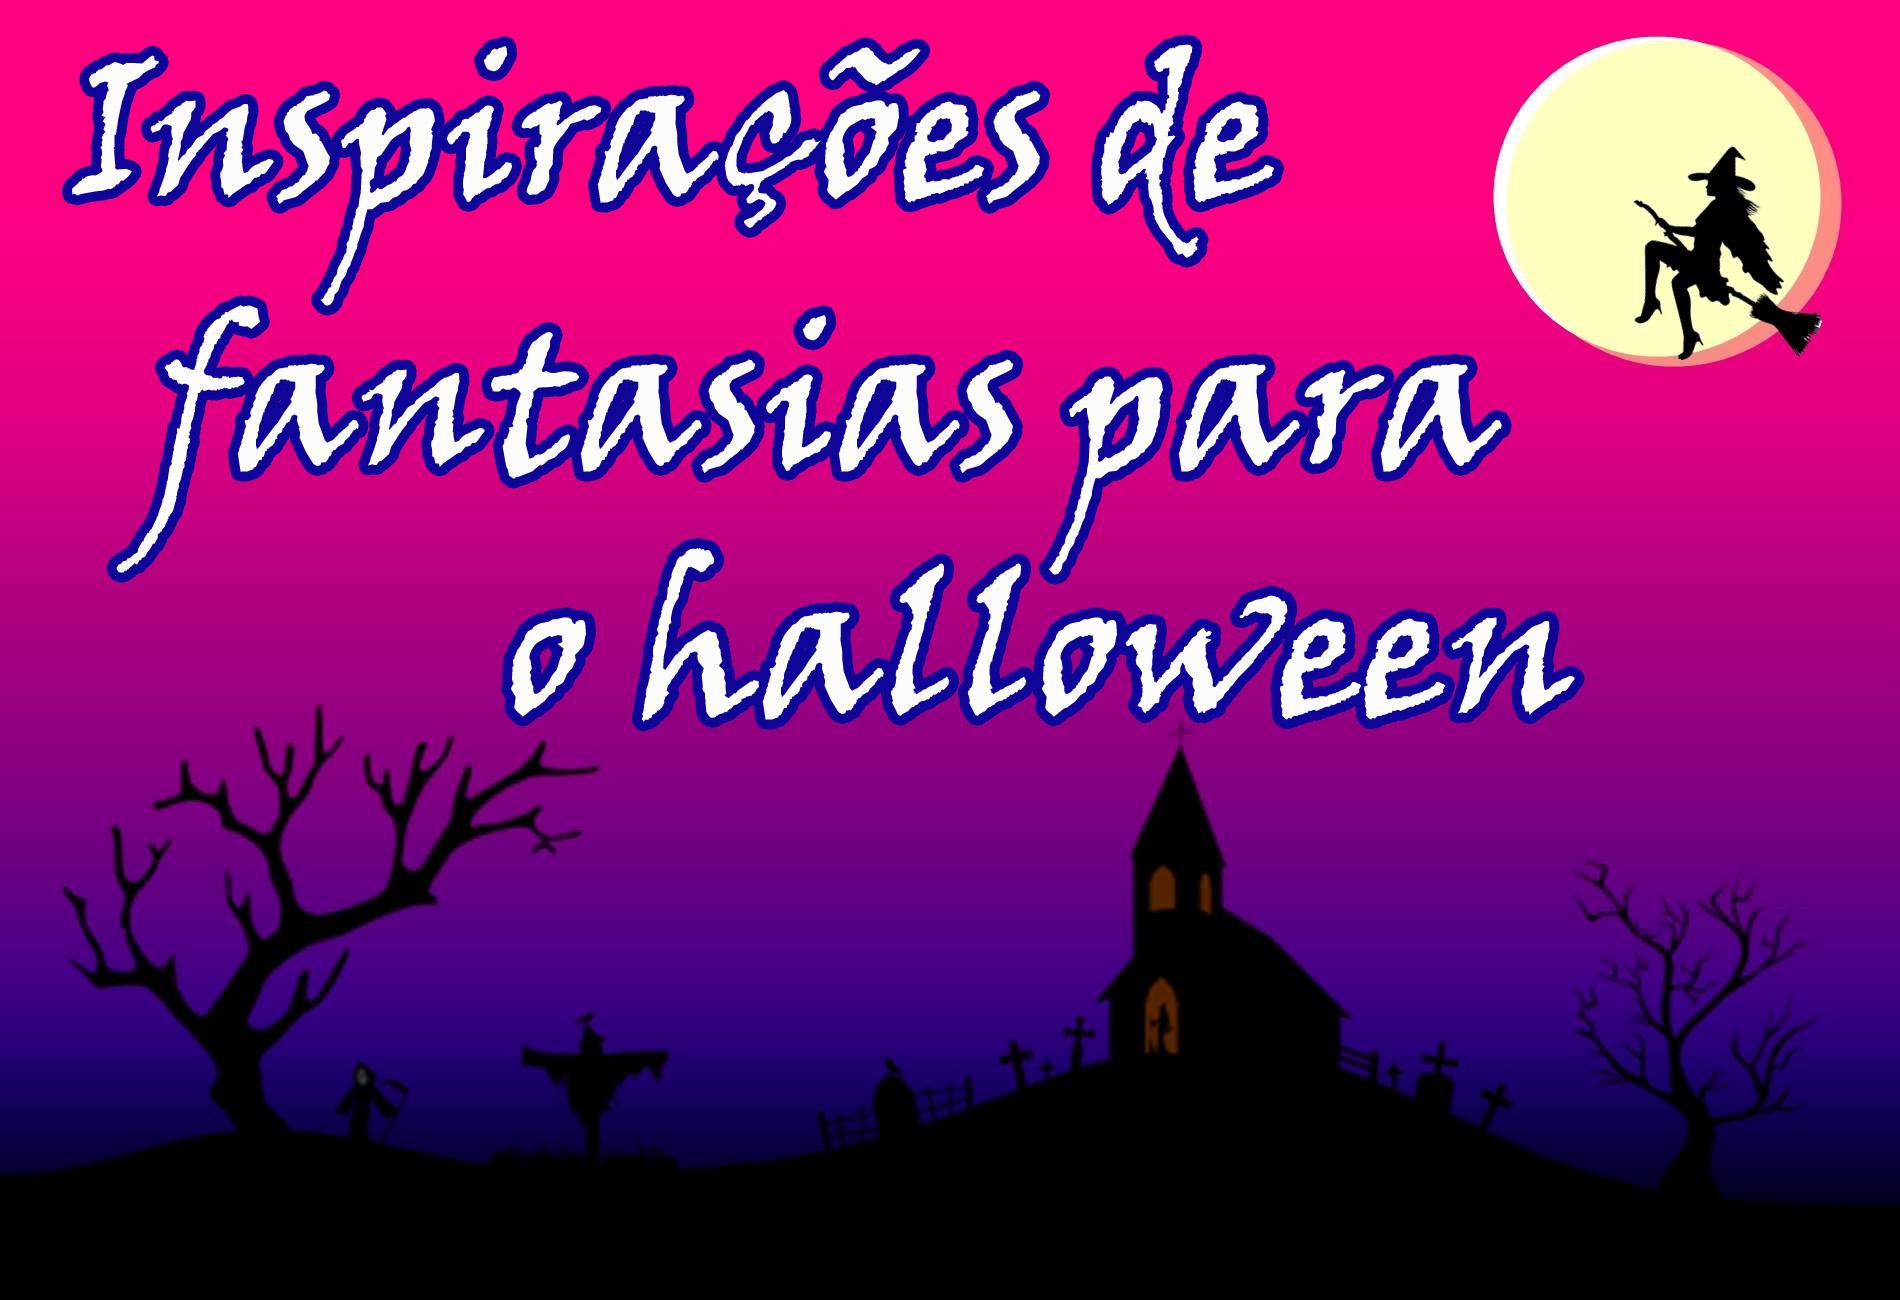 inspiracoes-de-fantasias-para-o-halloween